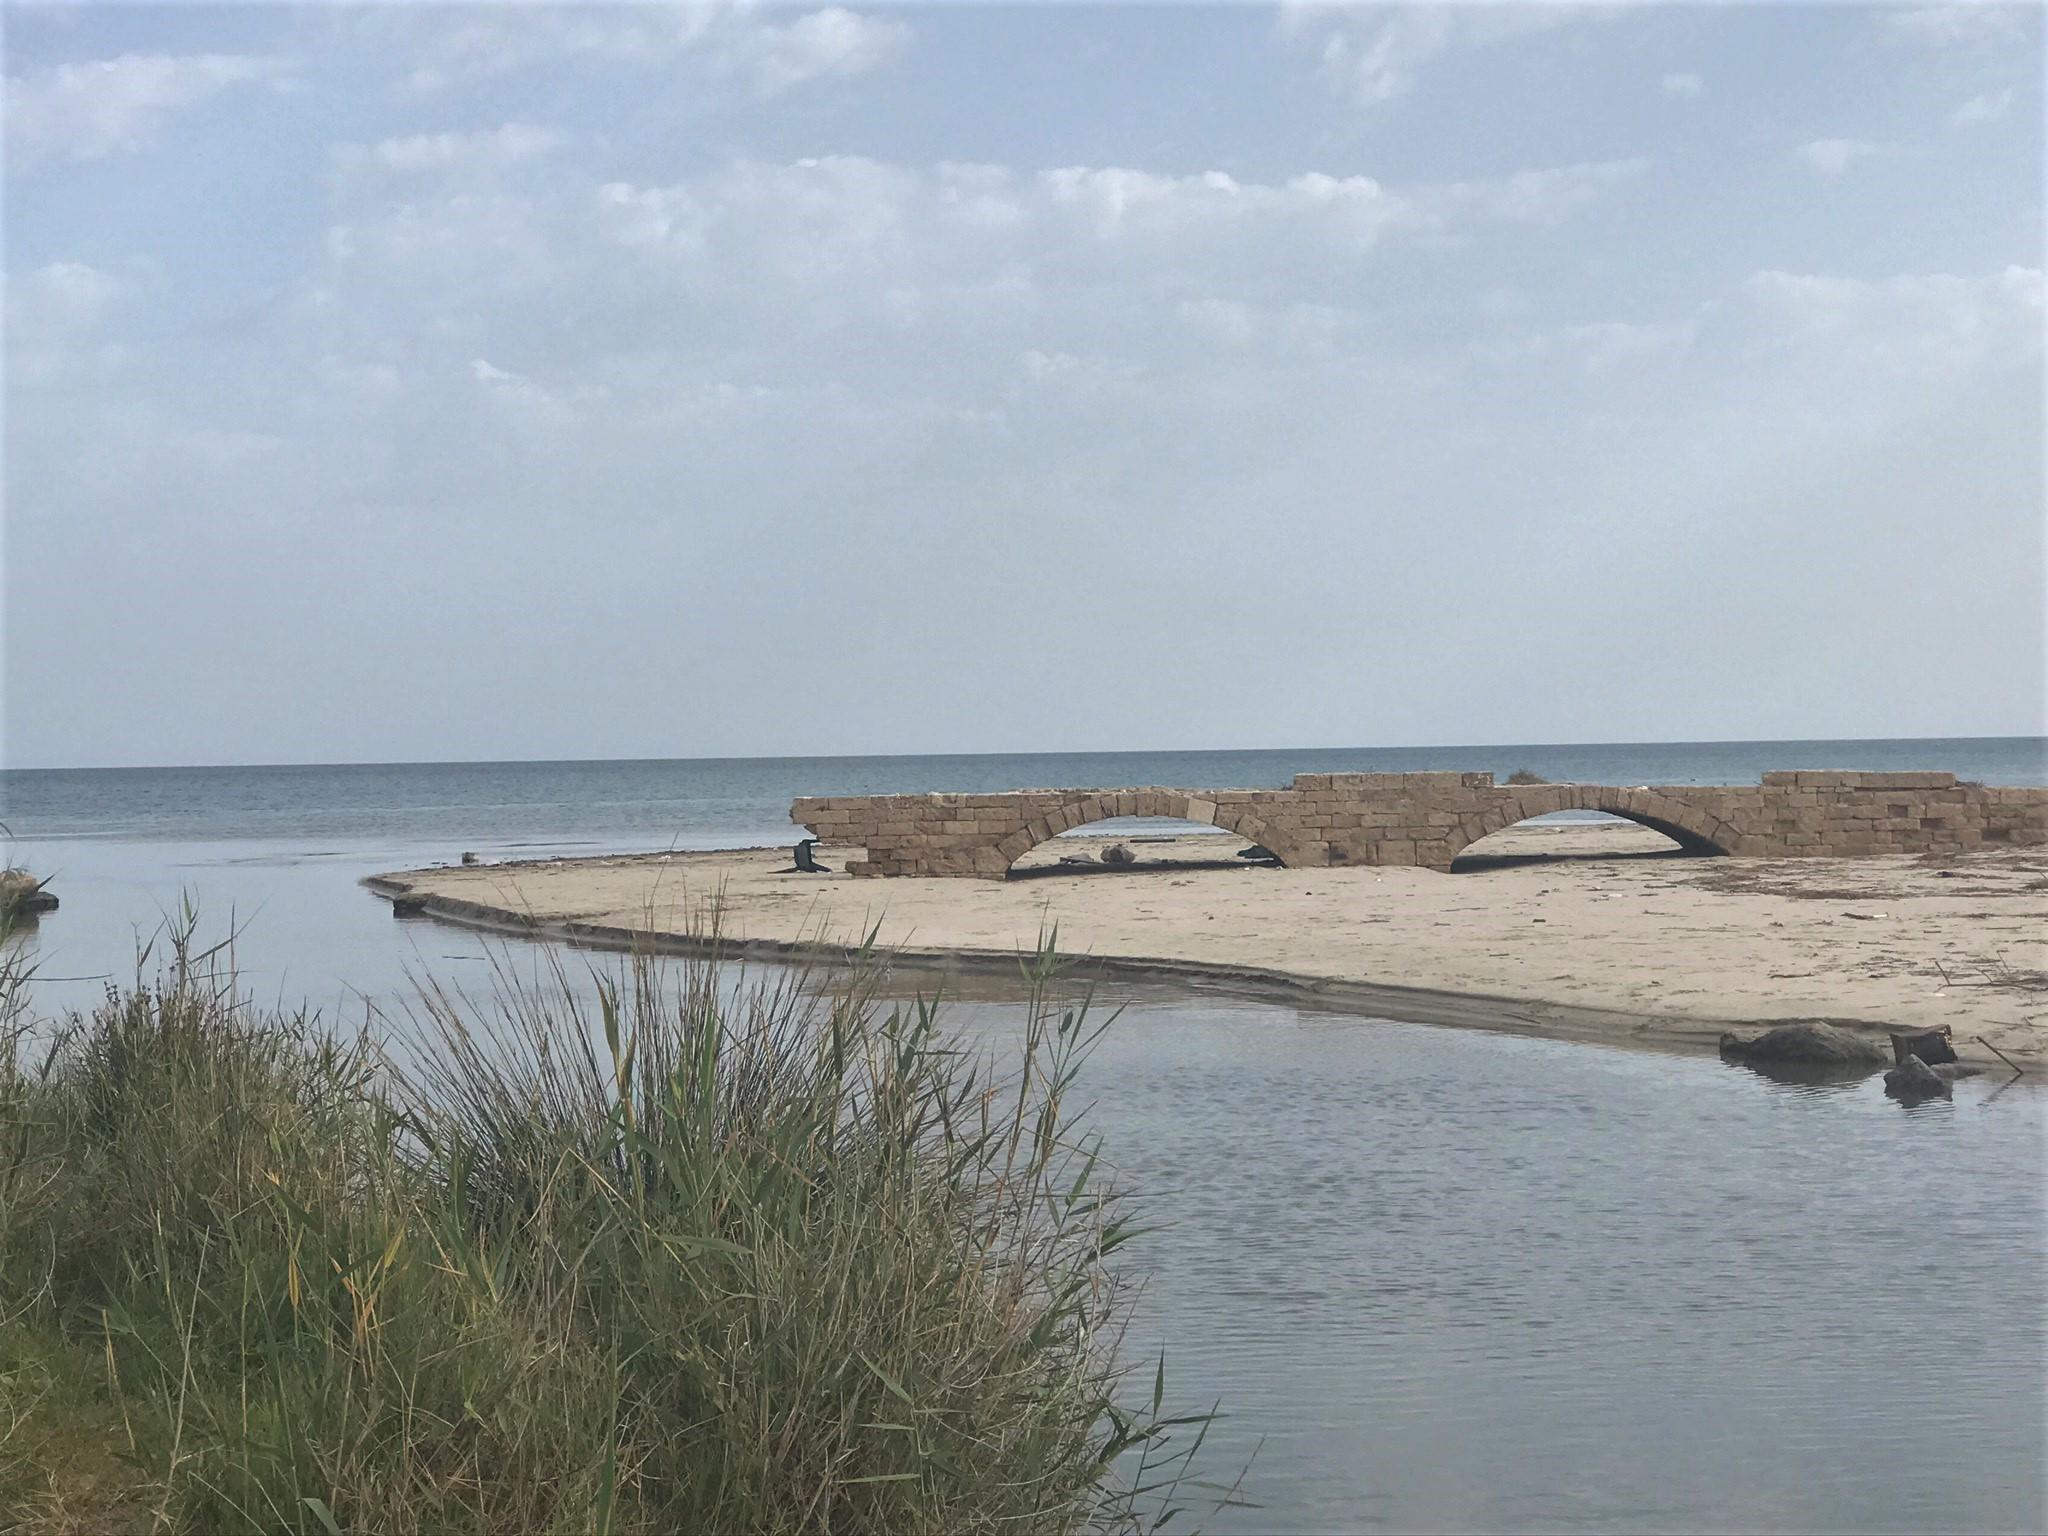 טיול מכוניות פרטיות למפעלי המים של קיסריה